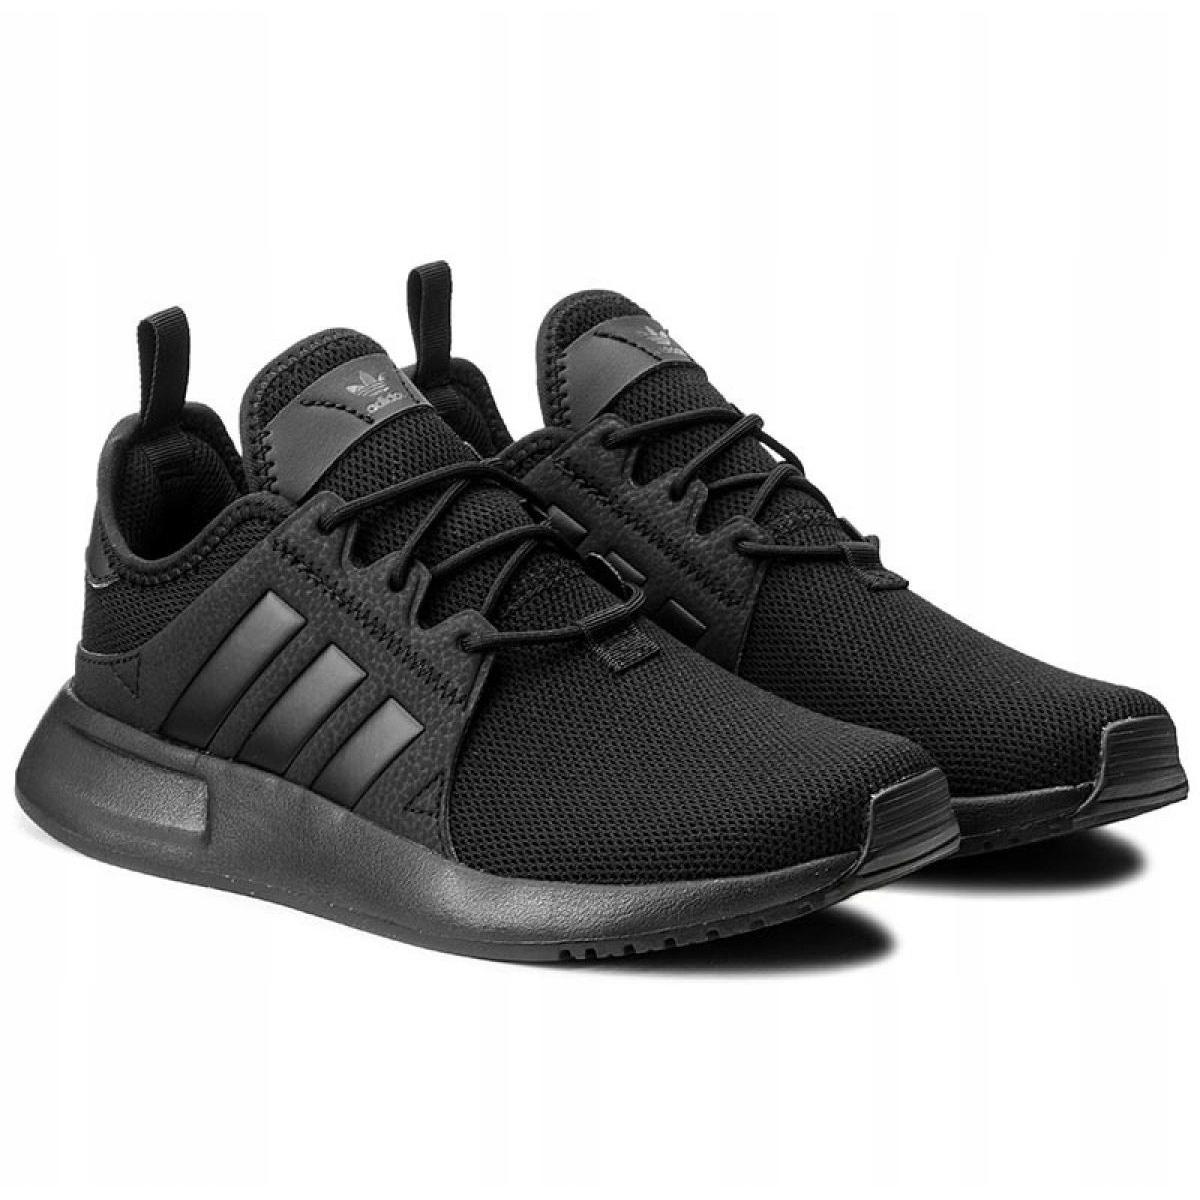 Adidas X_PLR Jr BY9879 shoes black